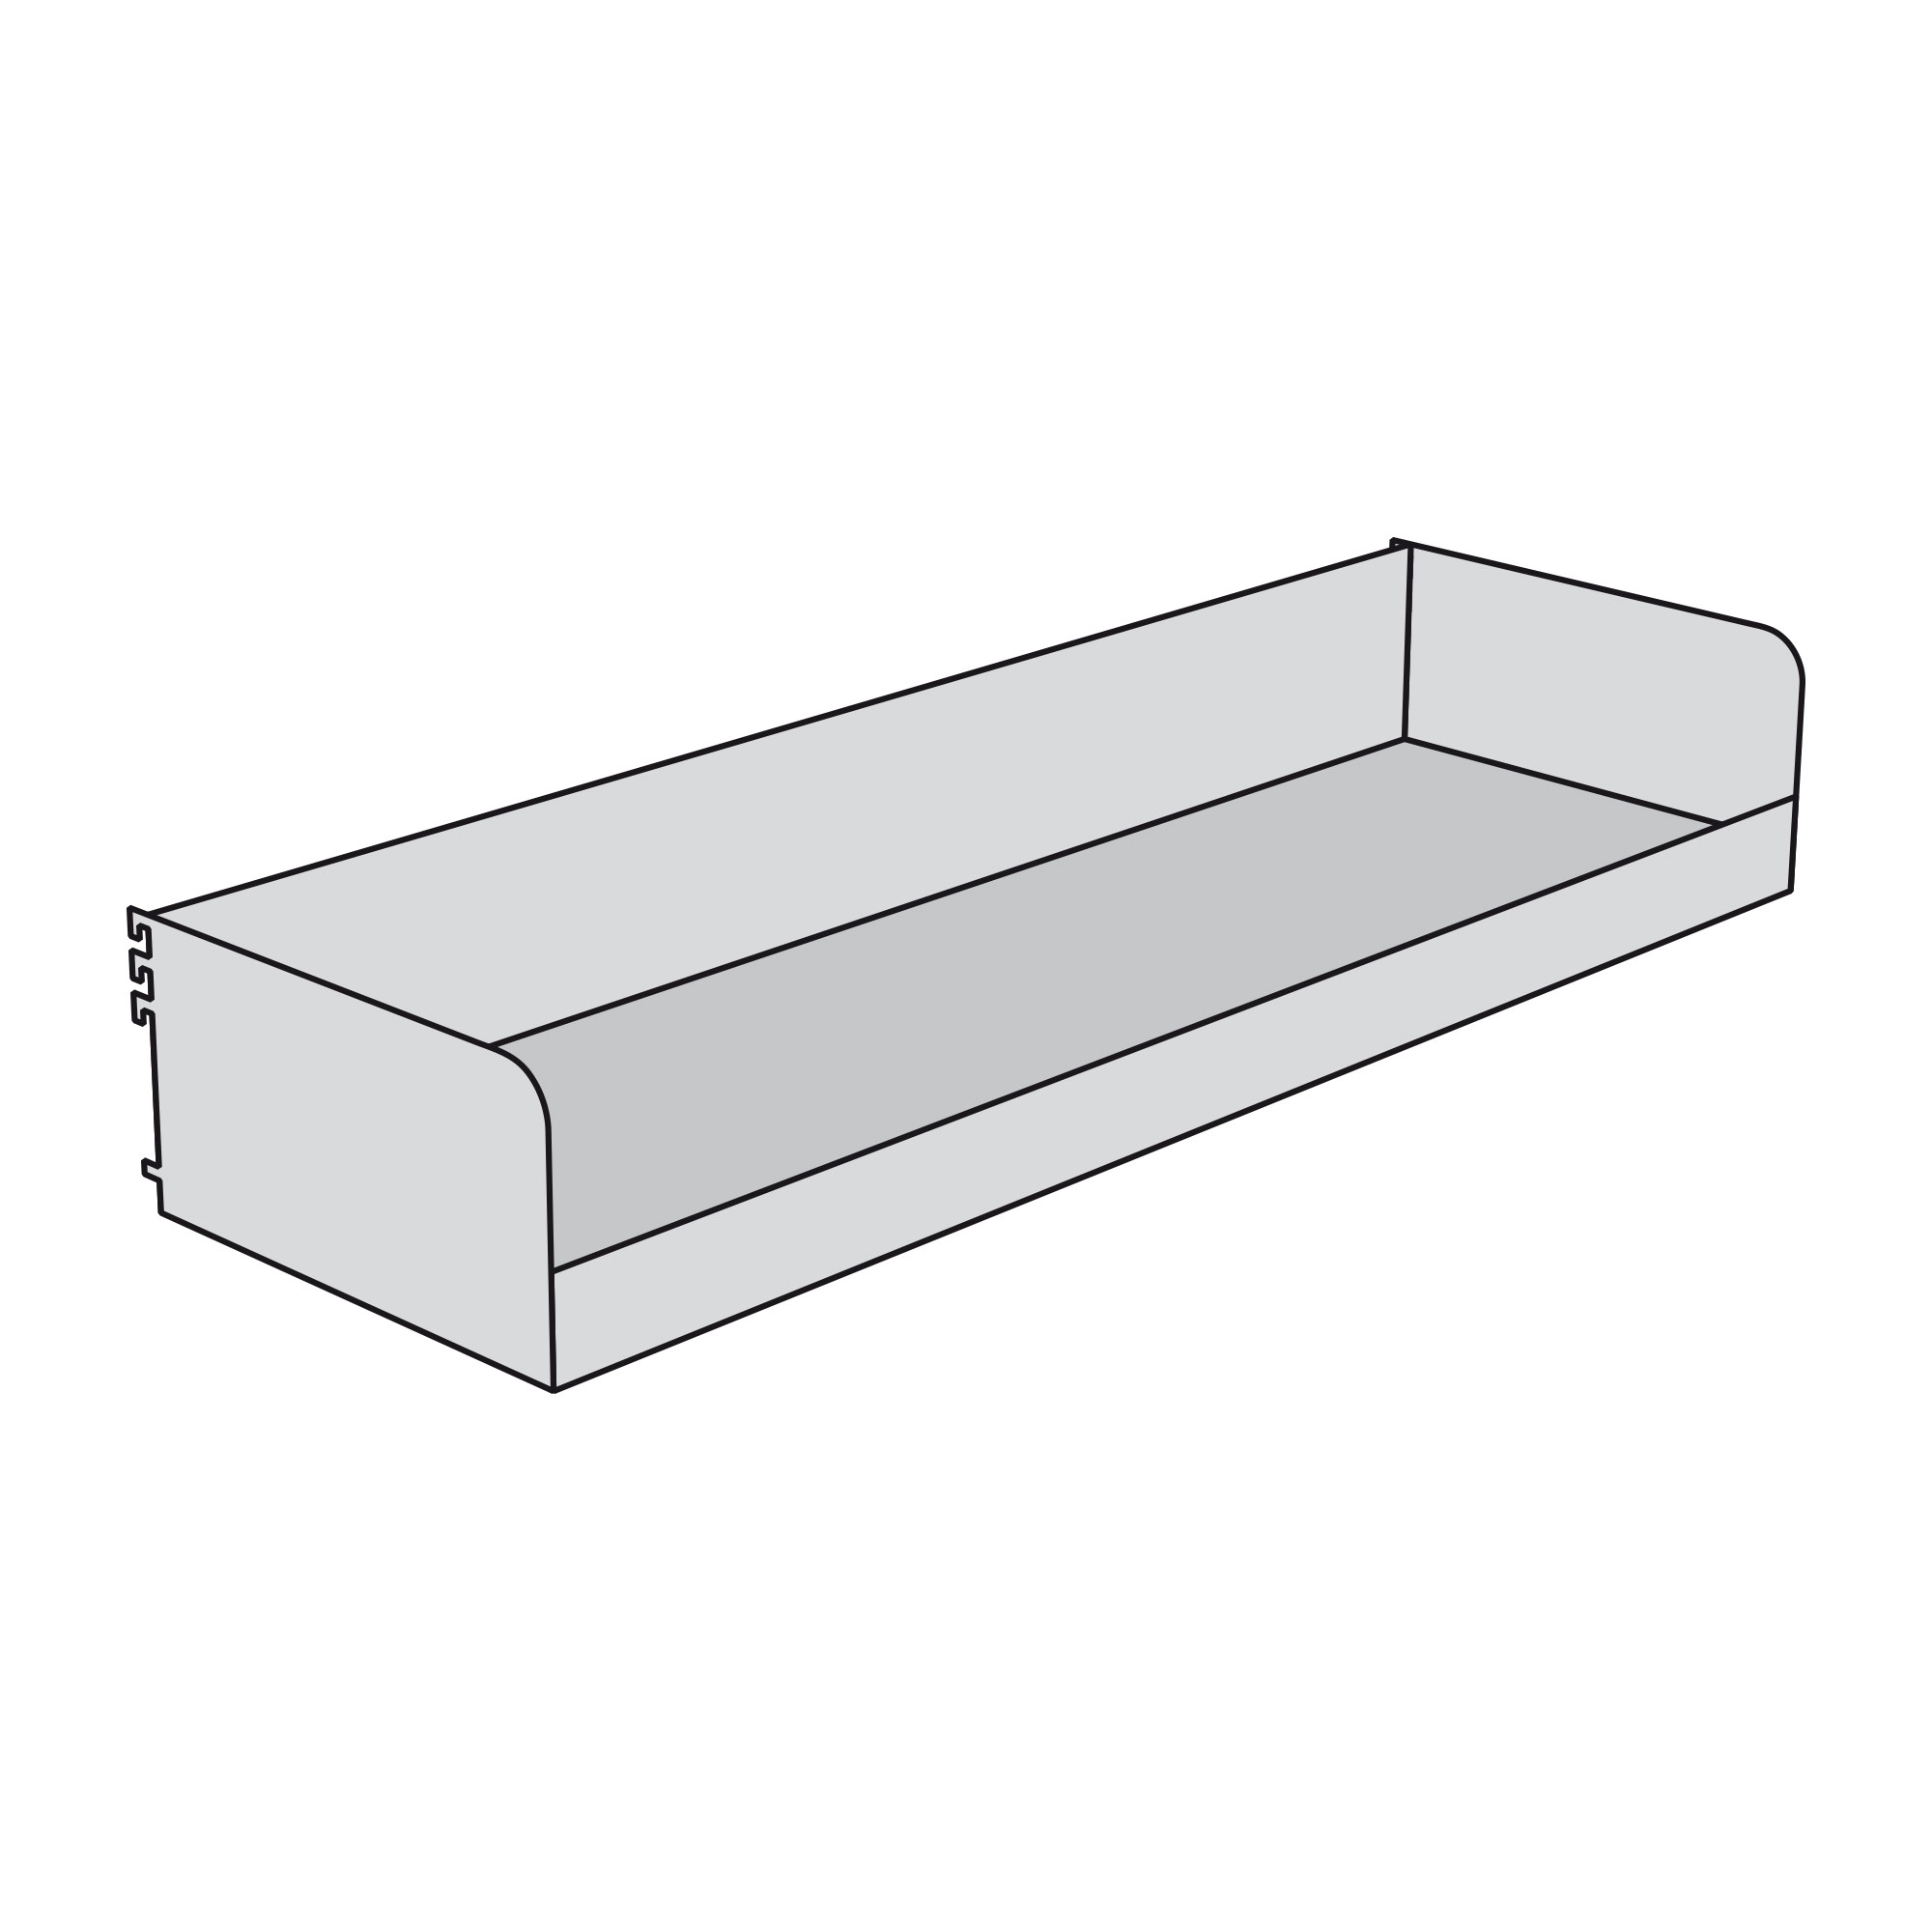 Fachkasten-Frontkante 60 mm hoch für Freiarm-Regal